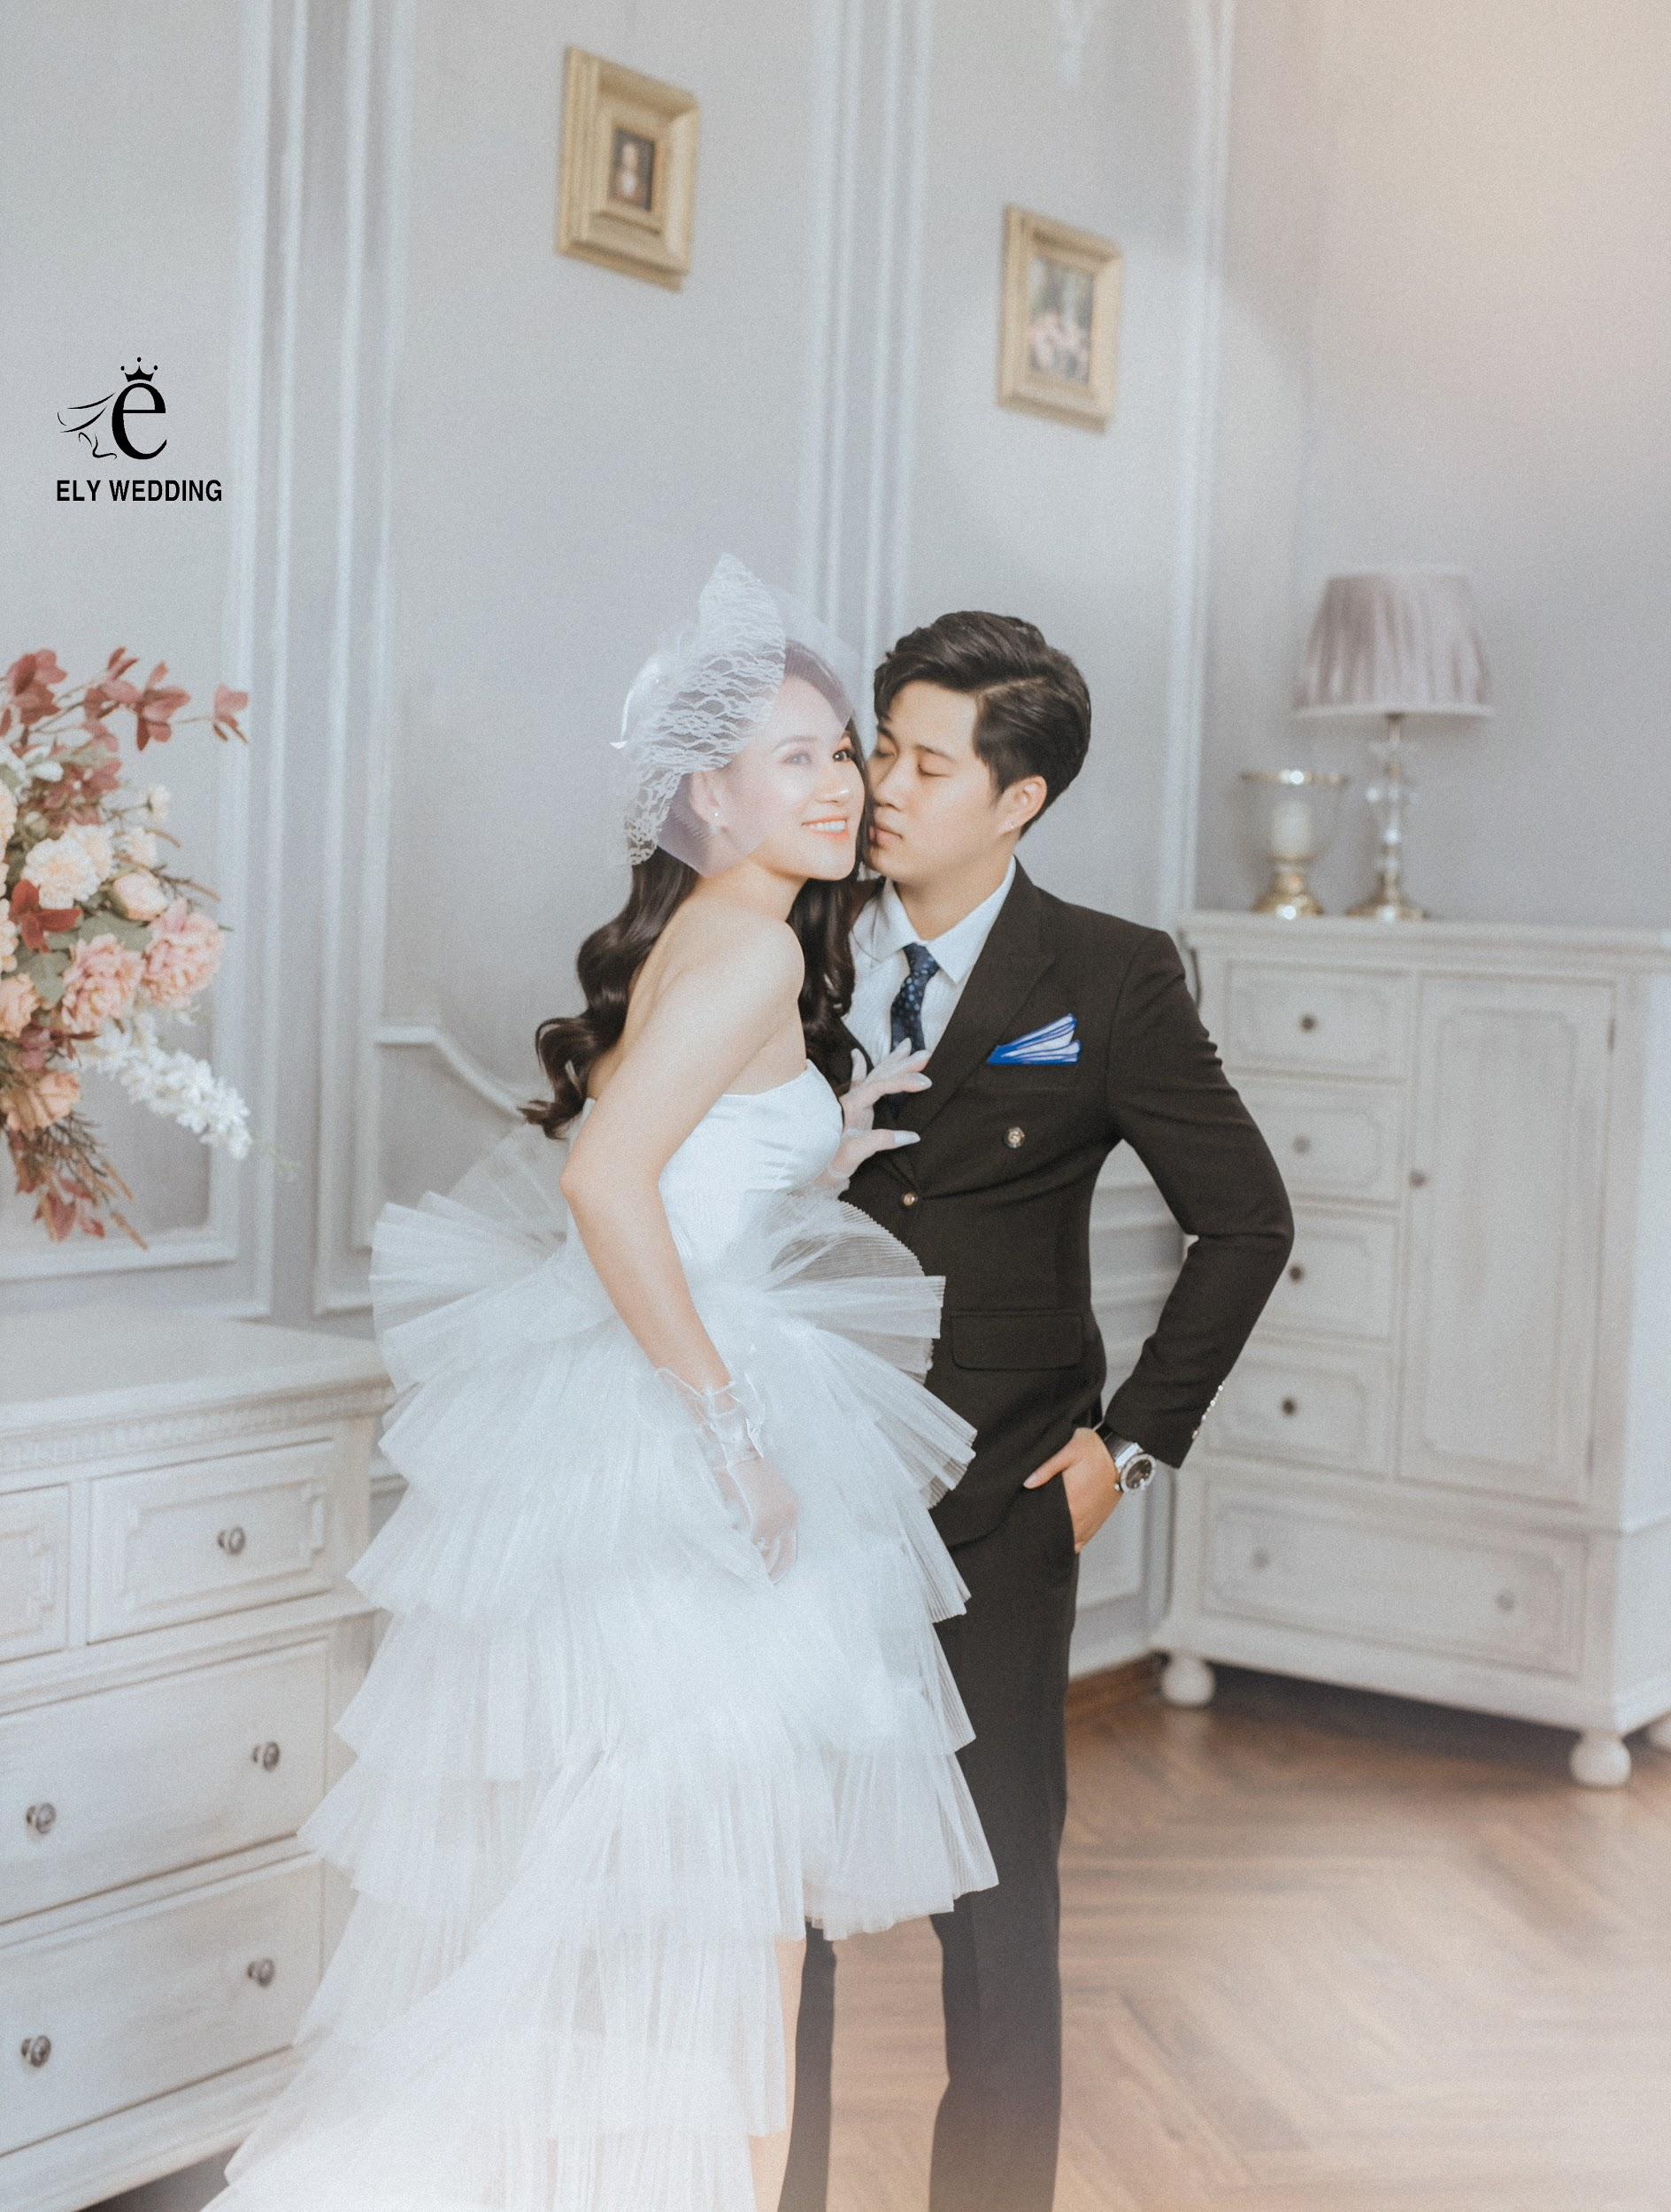 Bộ ảnh cưới siêu hot của Kiếm thủ Lê Minh Hằng - Em gái quốc dân làng thể thao Việt Nam - Ảnh 3.